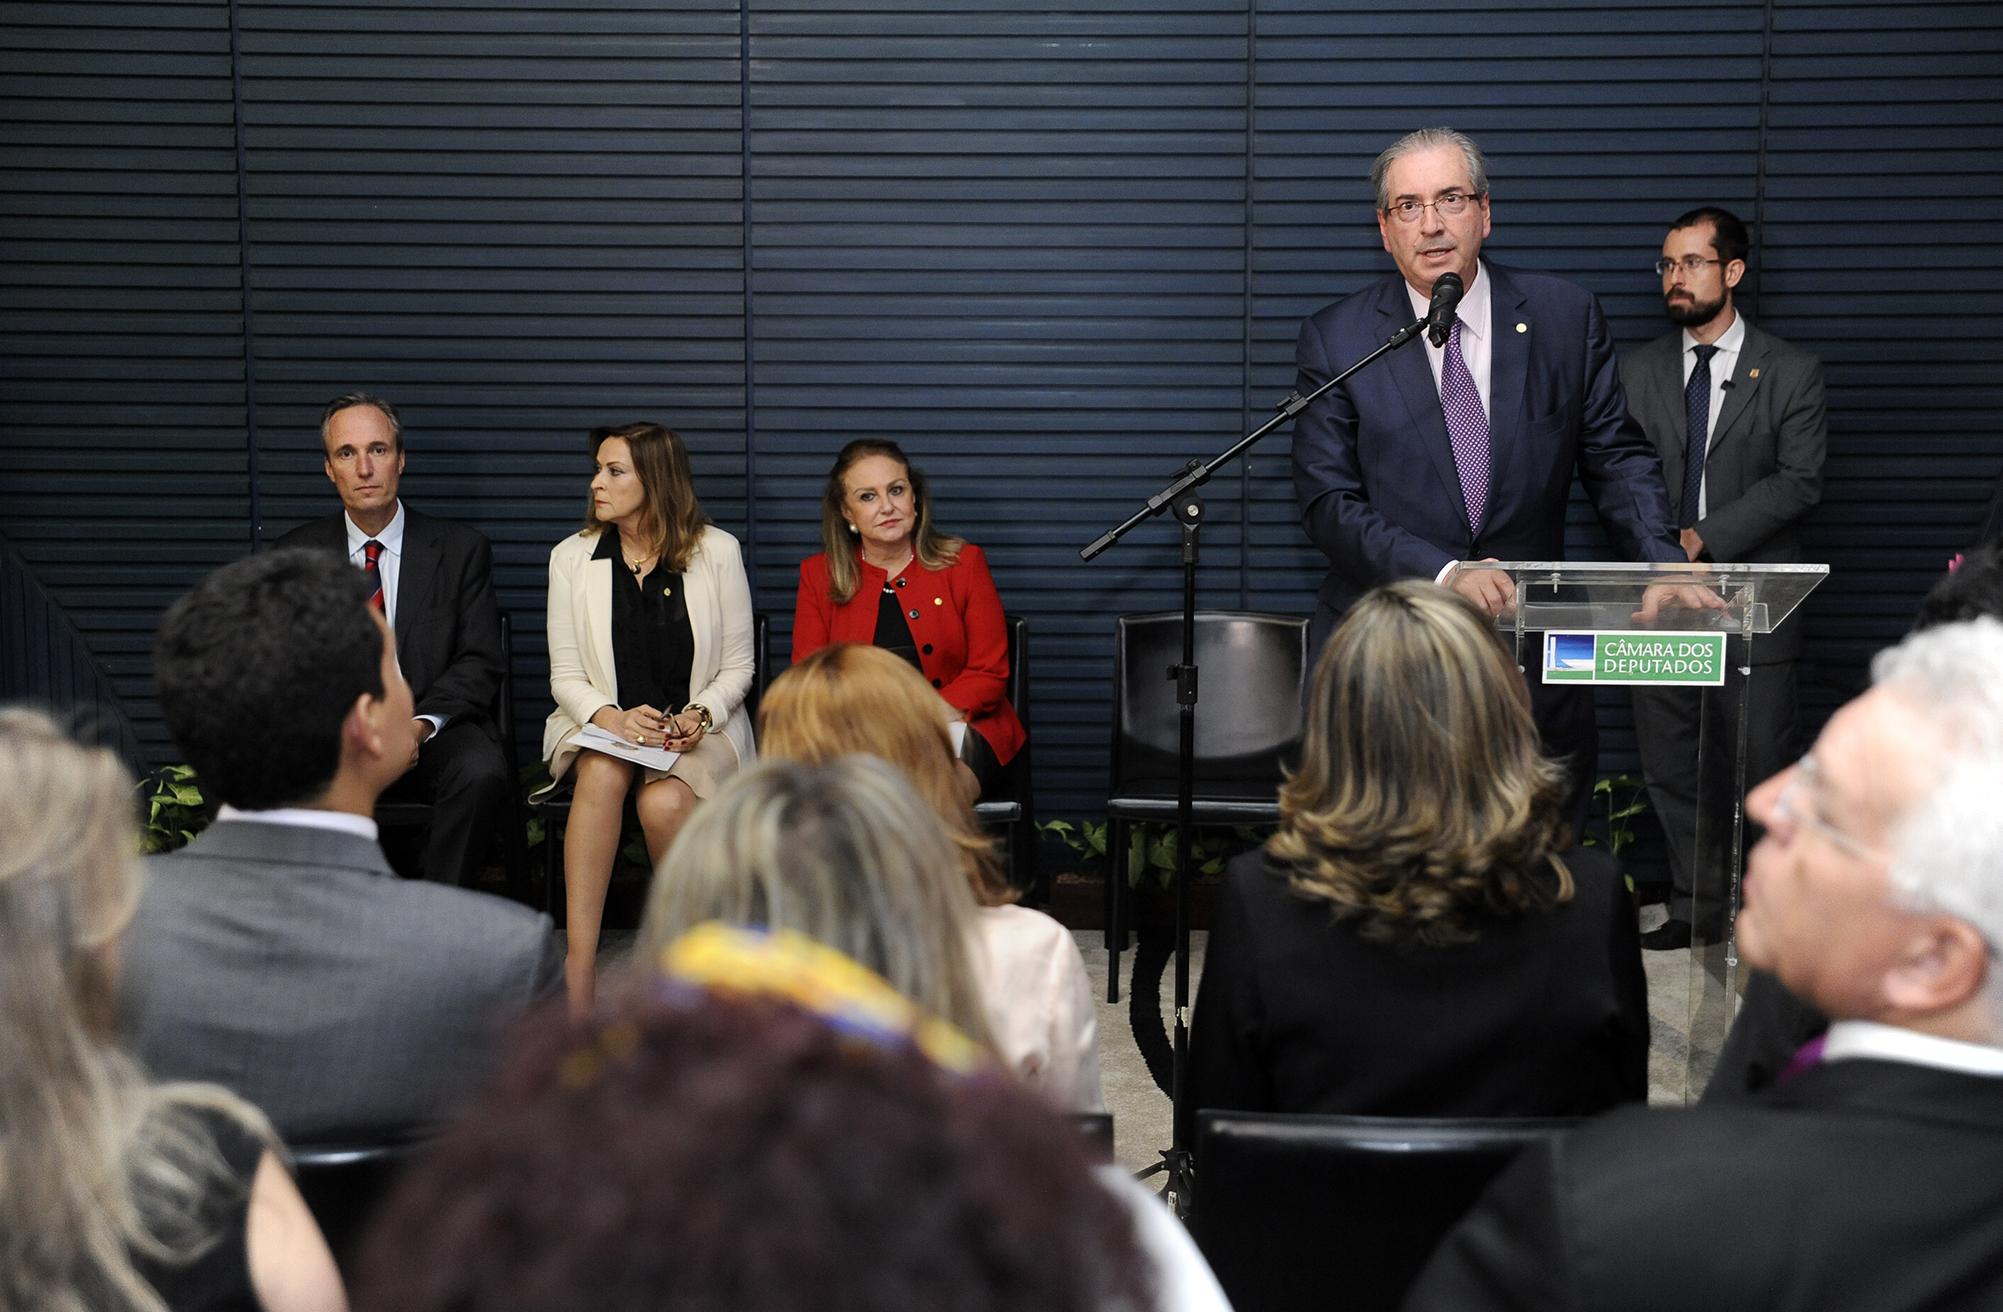 Solenidade de Entrega do Prêmio da 4ª Edição do Concurso sobre a Lei Maria da Penha. Presidente da Câmara, dep. Eduardo Cunha (PMDB-RJ)